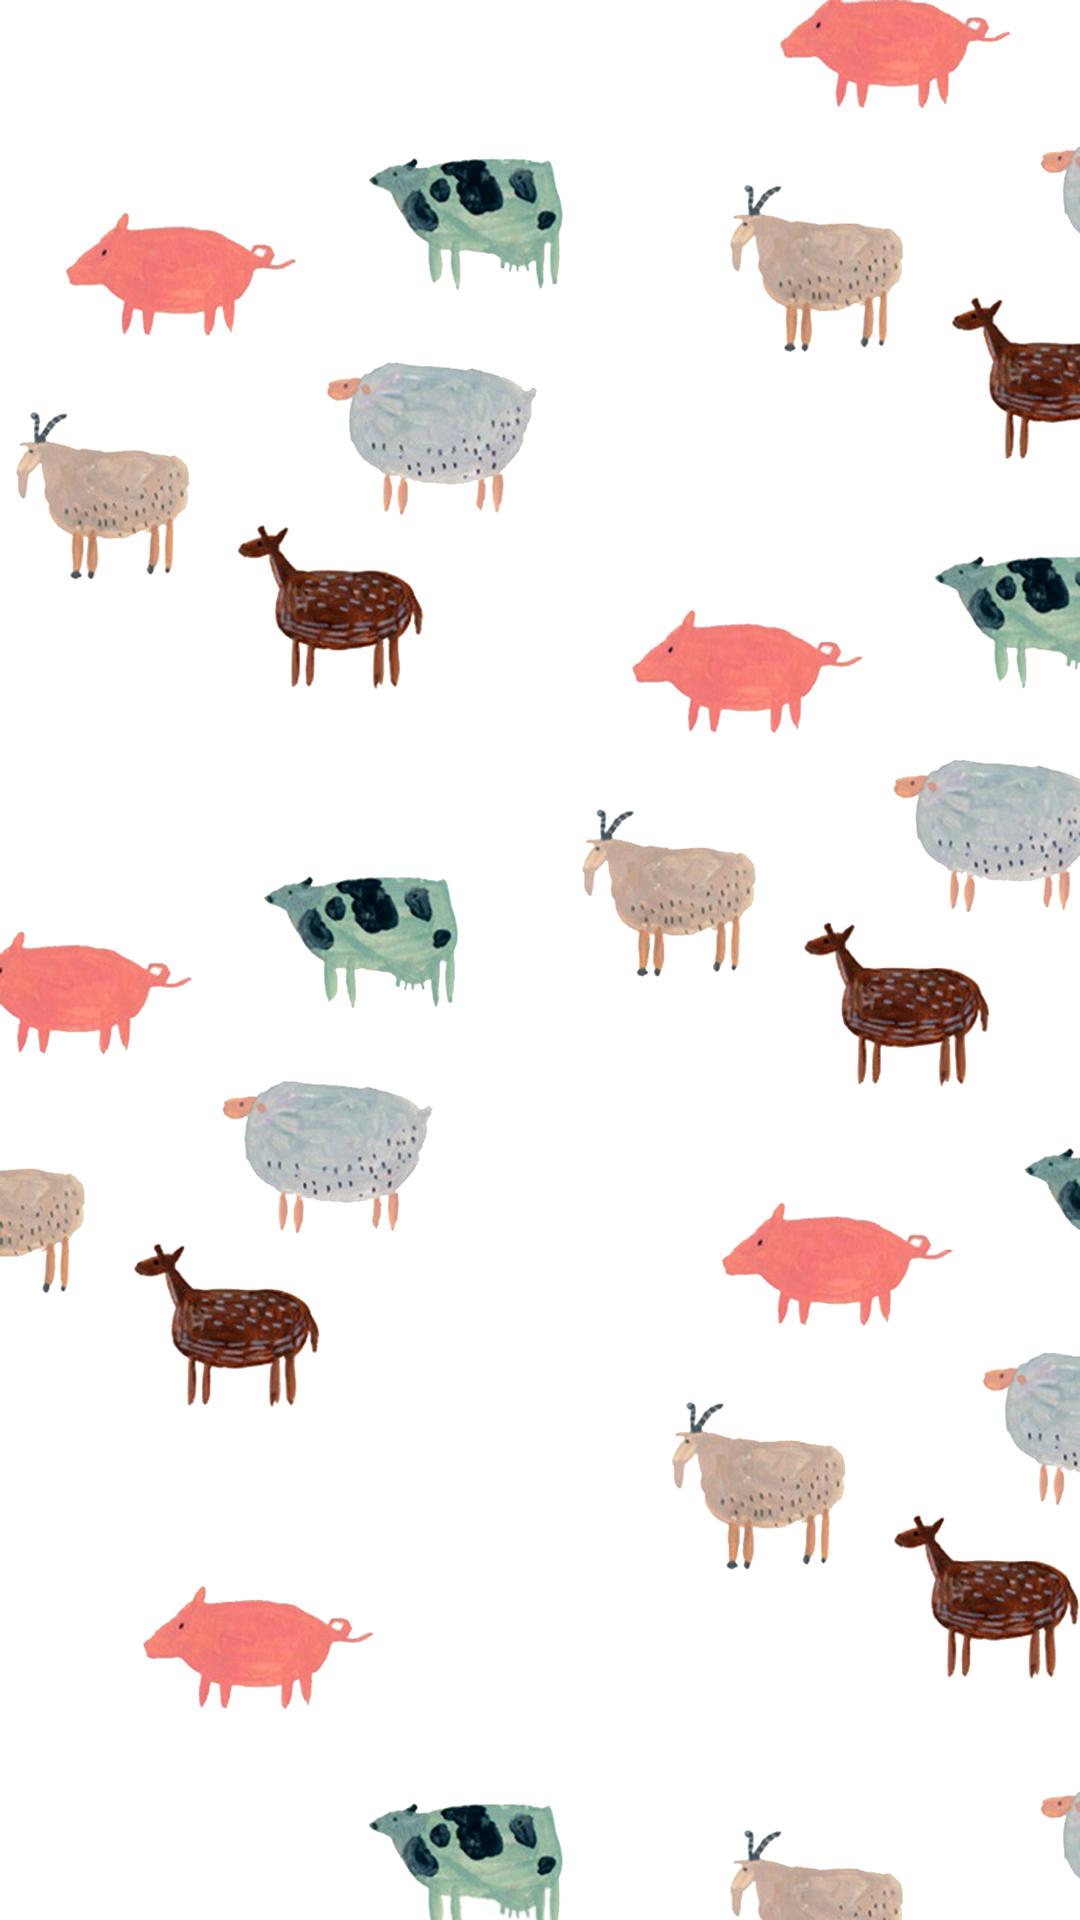 动物 手绘 插画 平铺